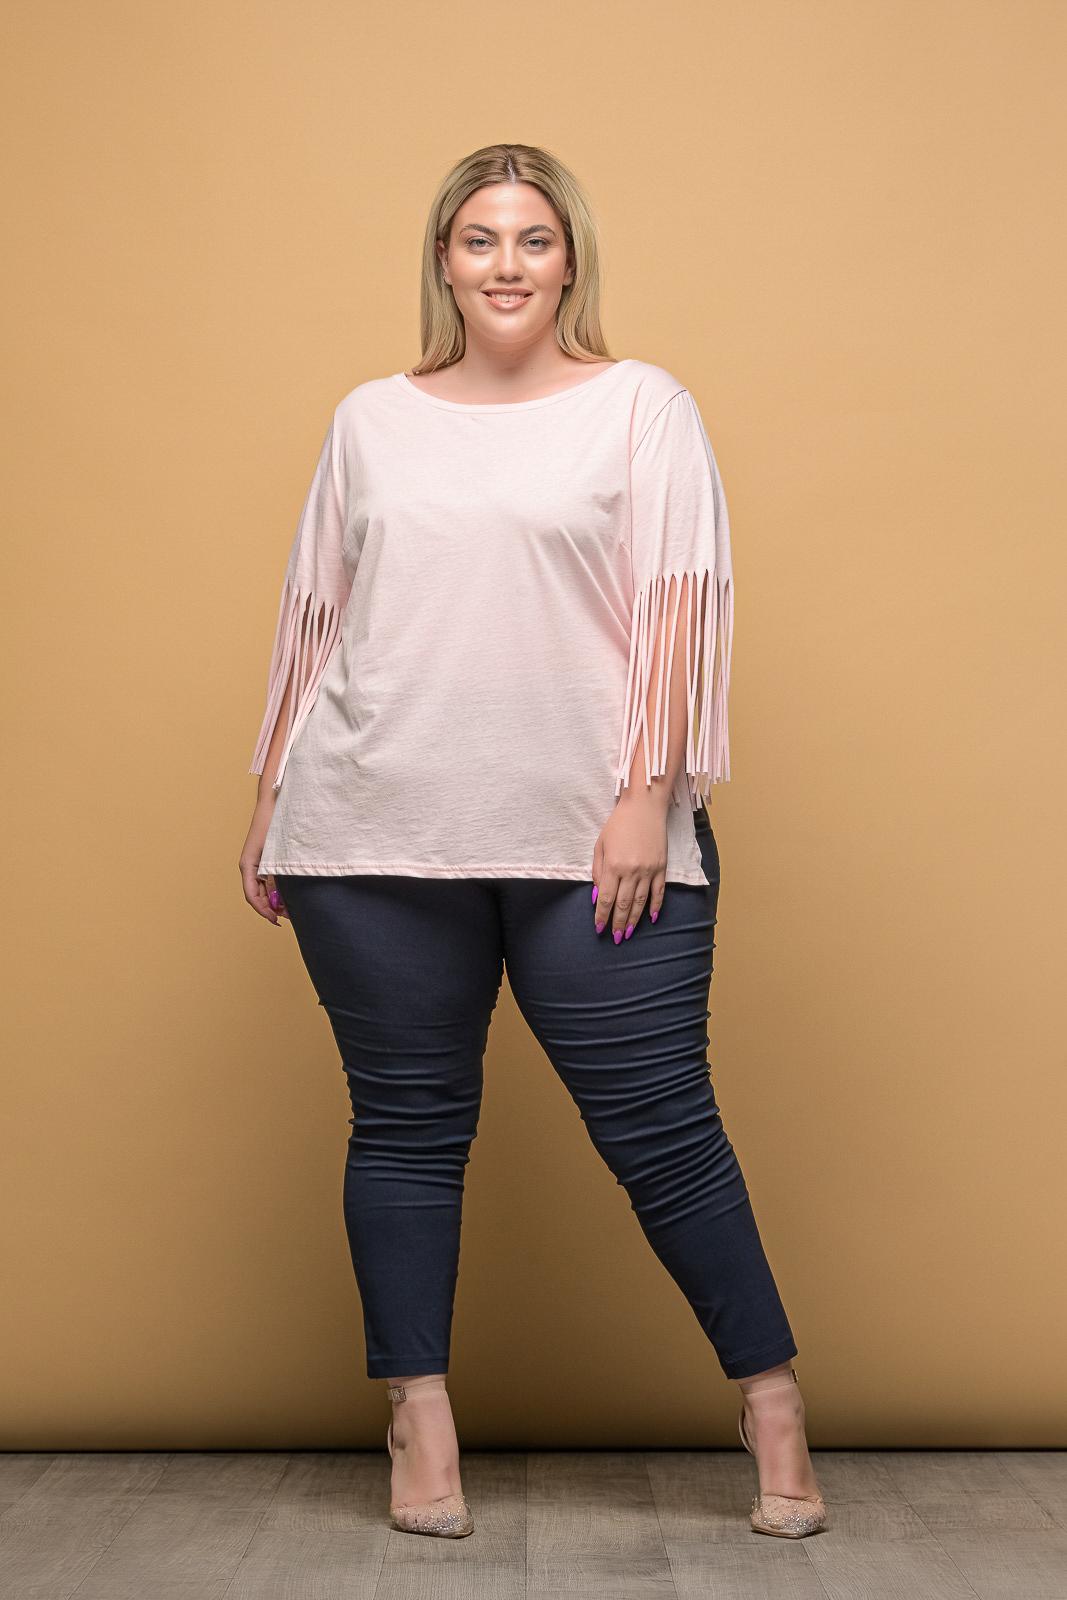 Μπλούζα μεγάλα μεγέθη μακό ροζ με κρόσια στα μανίκια και ανοιγμα στο. Στο eshop μας θα βρείτε οικονομικά γυναίκεια ρούχα σε μεγάλα μεγέθη και υπερμεγέθη.